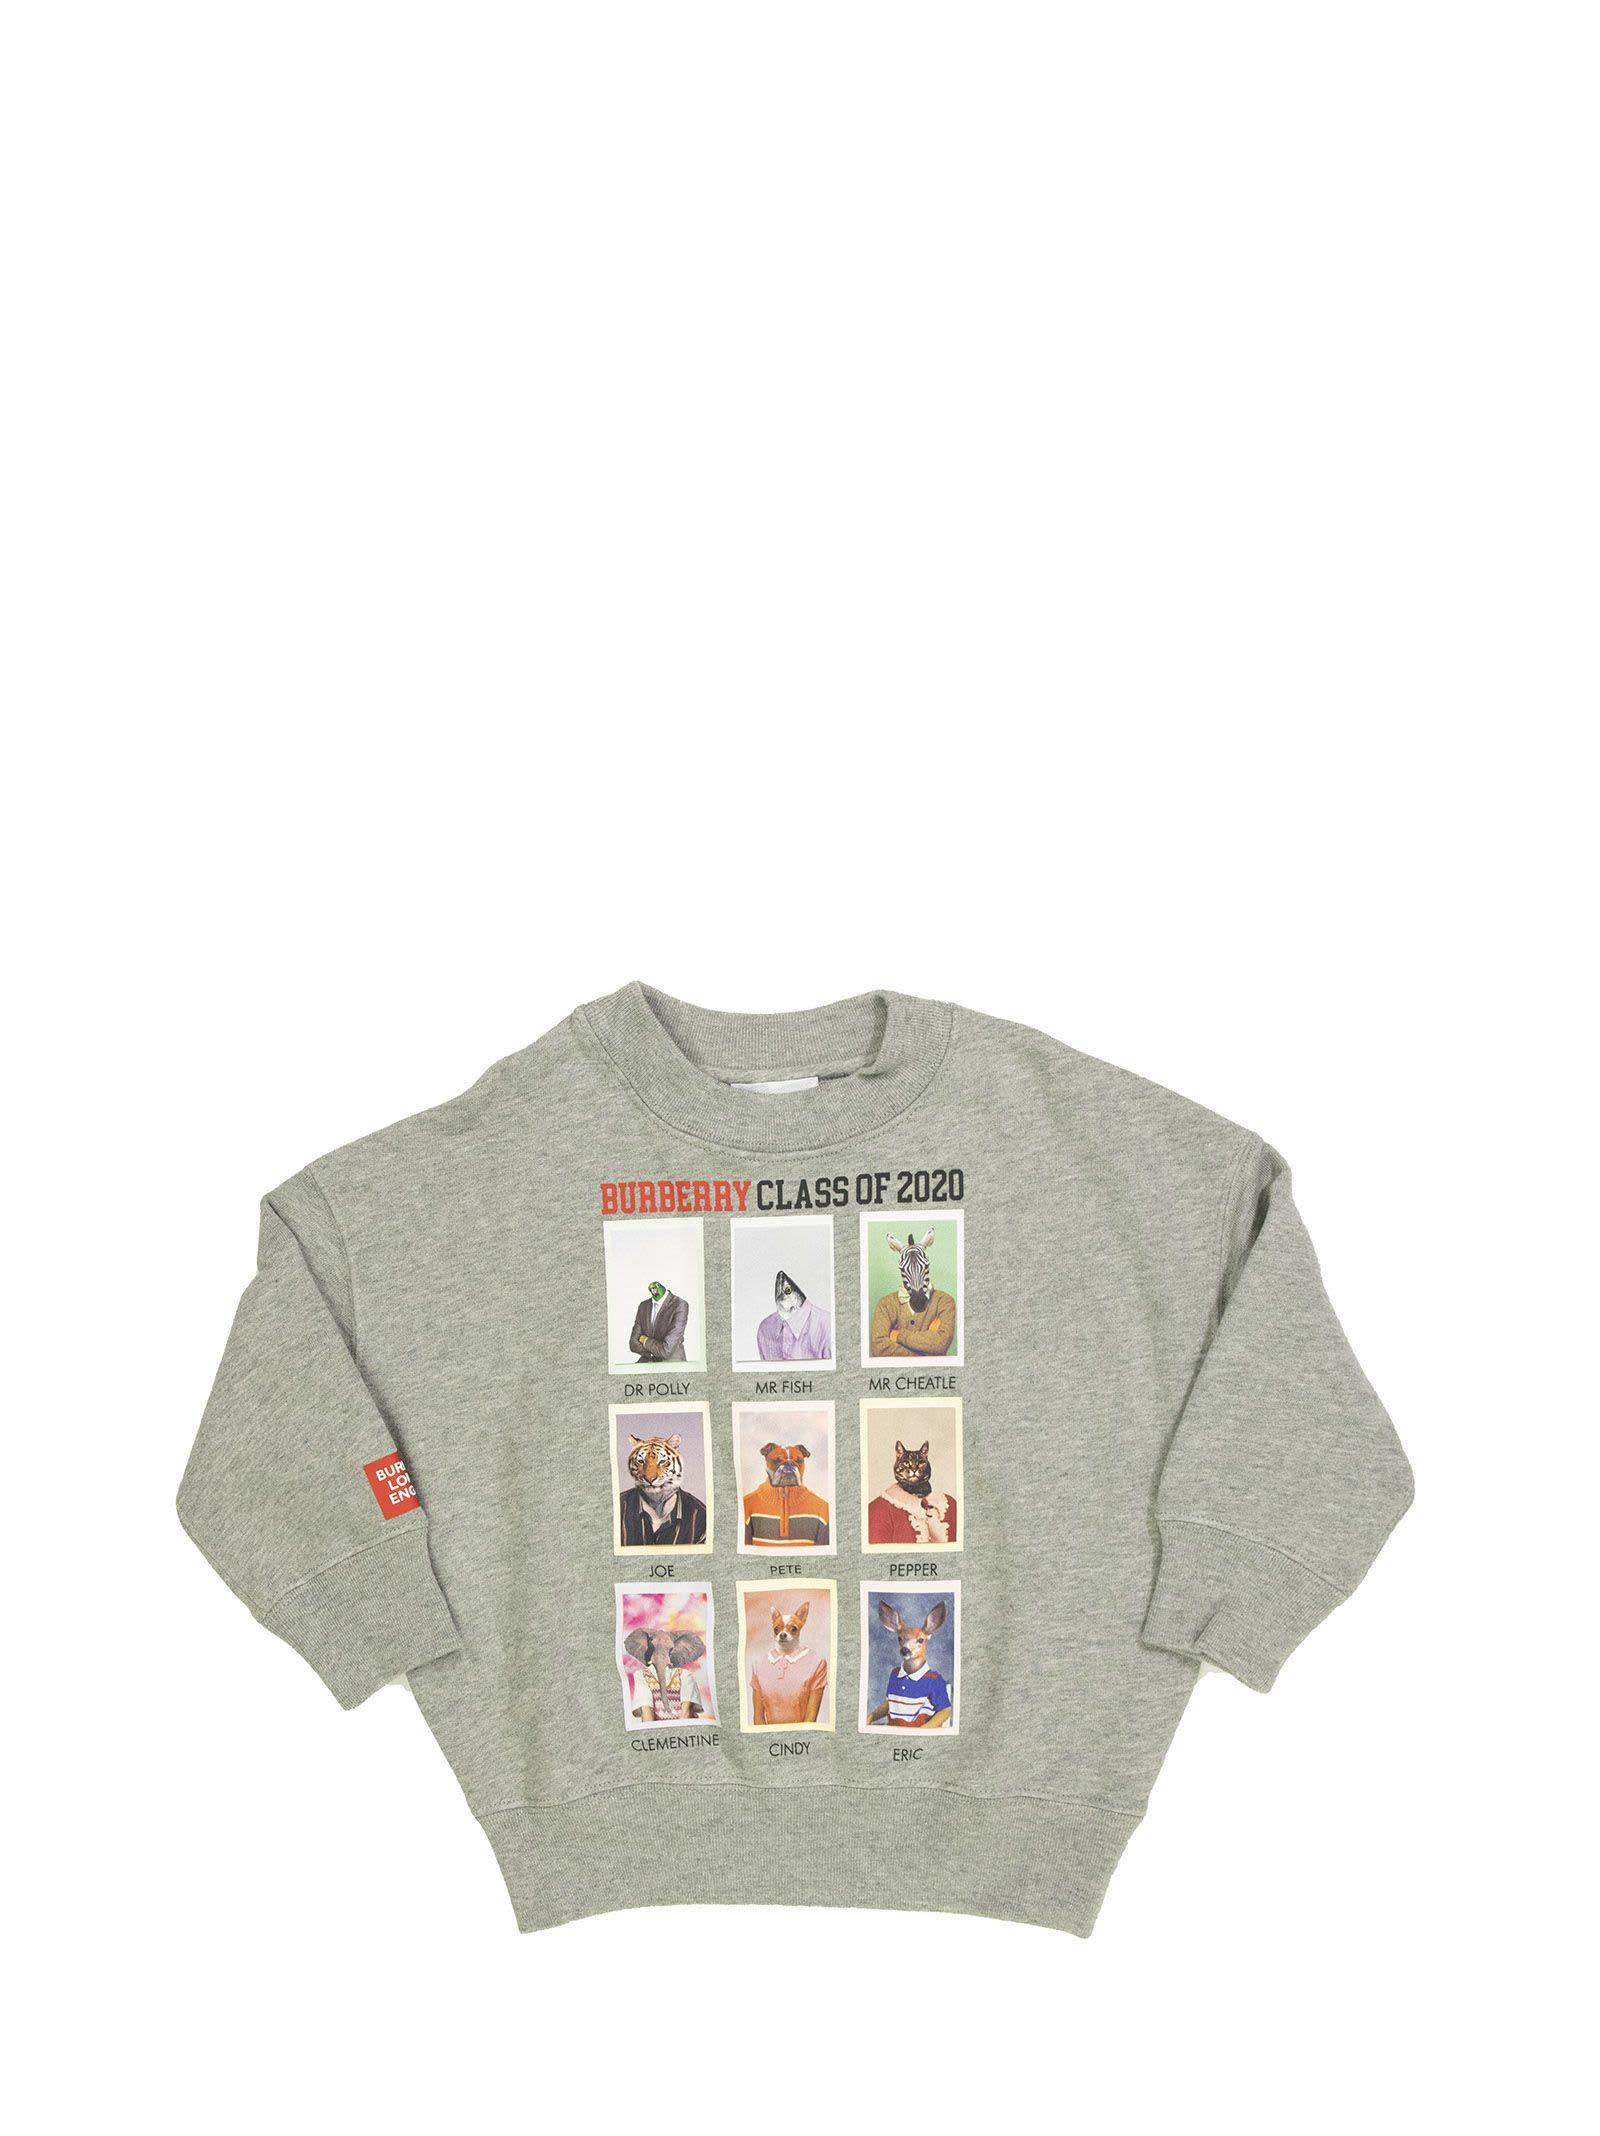 Burberry Kids' Yearbook Character Print Cotton Sweatshirt In Grey Melange